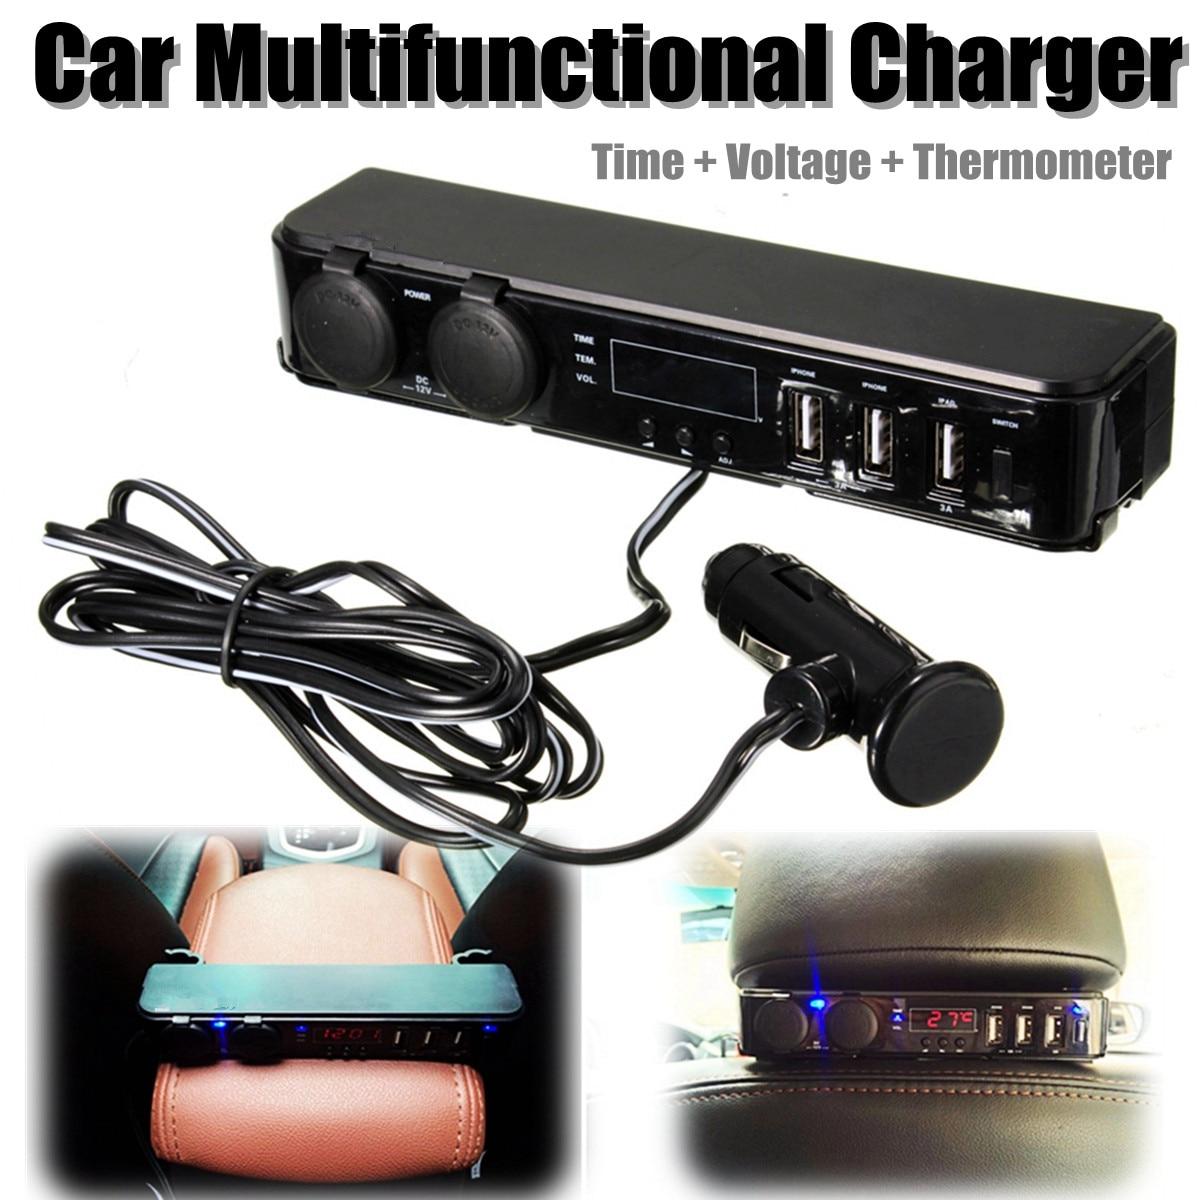 12V Car Cigarette Lighter Socket With LED 12V Socket USB Adapter Charger w/